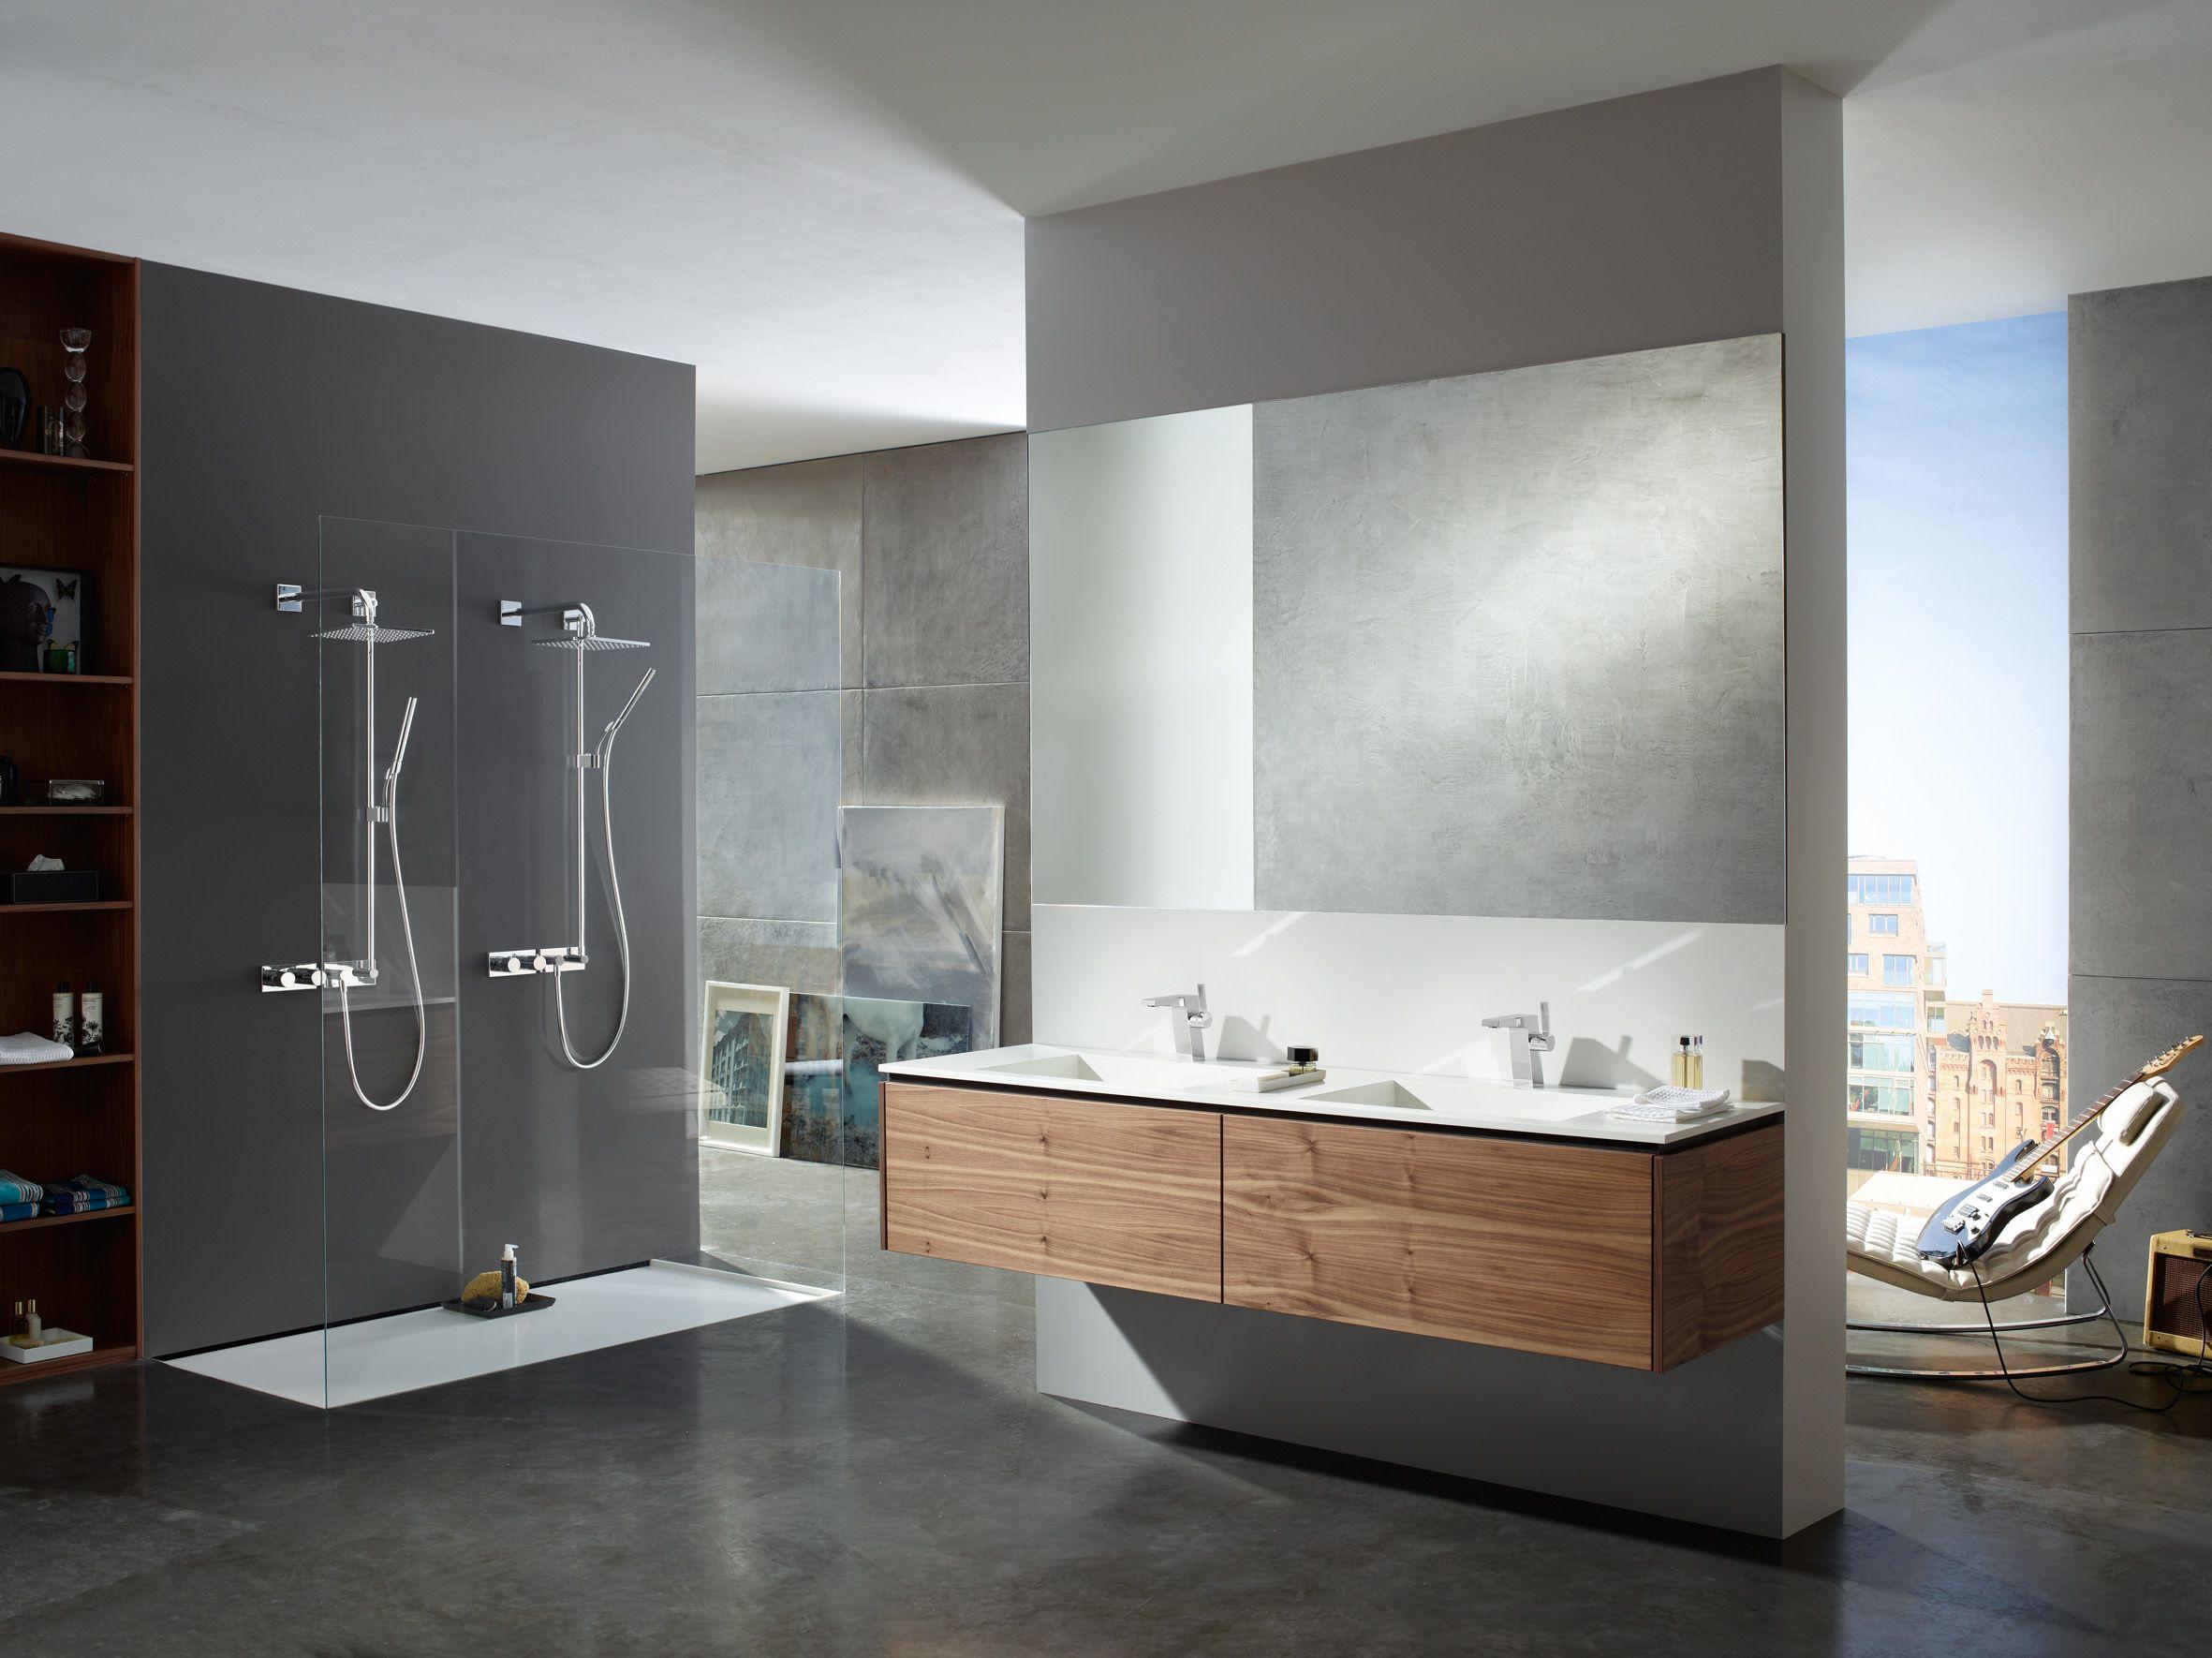 Die Perfekte Walk In Dusche Auch Für Zwei Personen! Mehr Inspiration Zu  Ebenerdigen